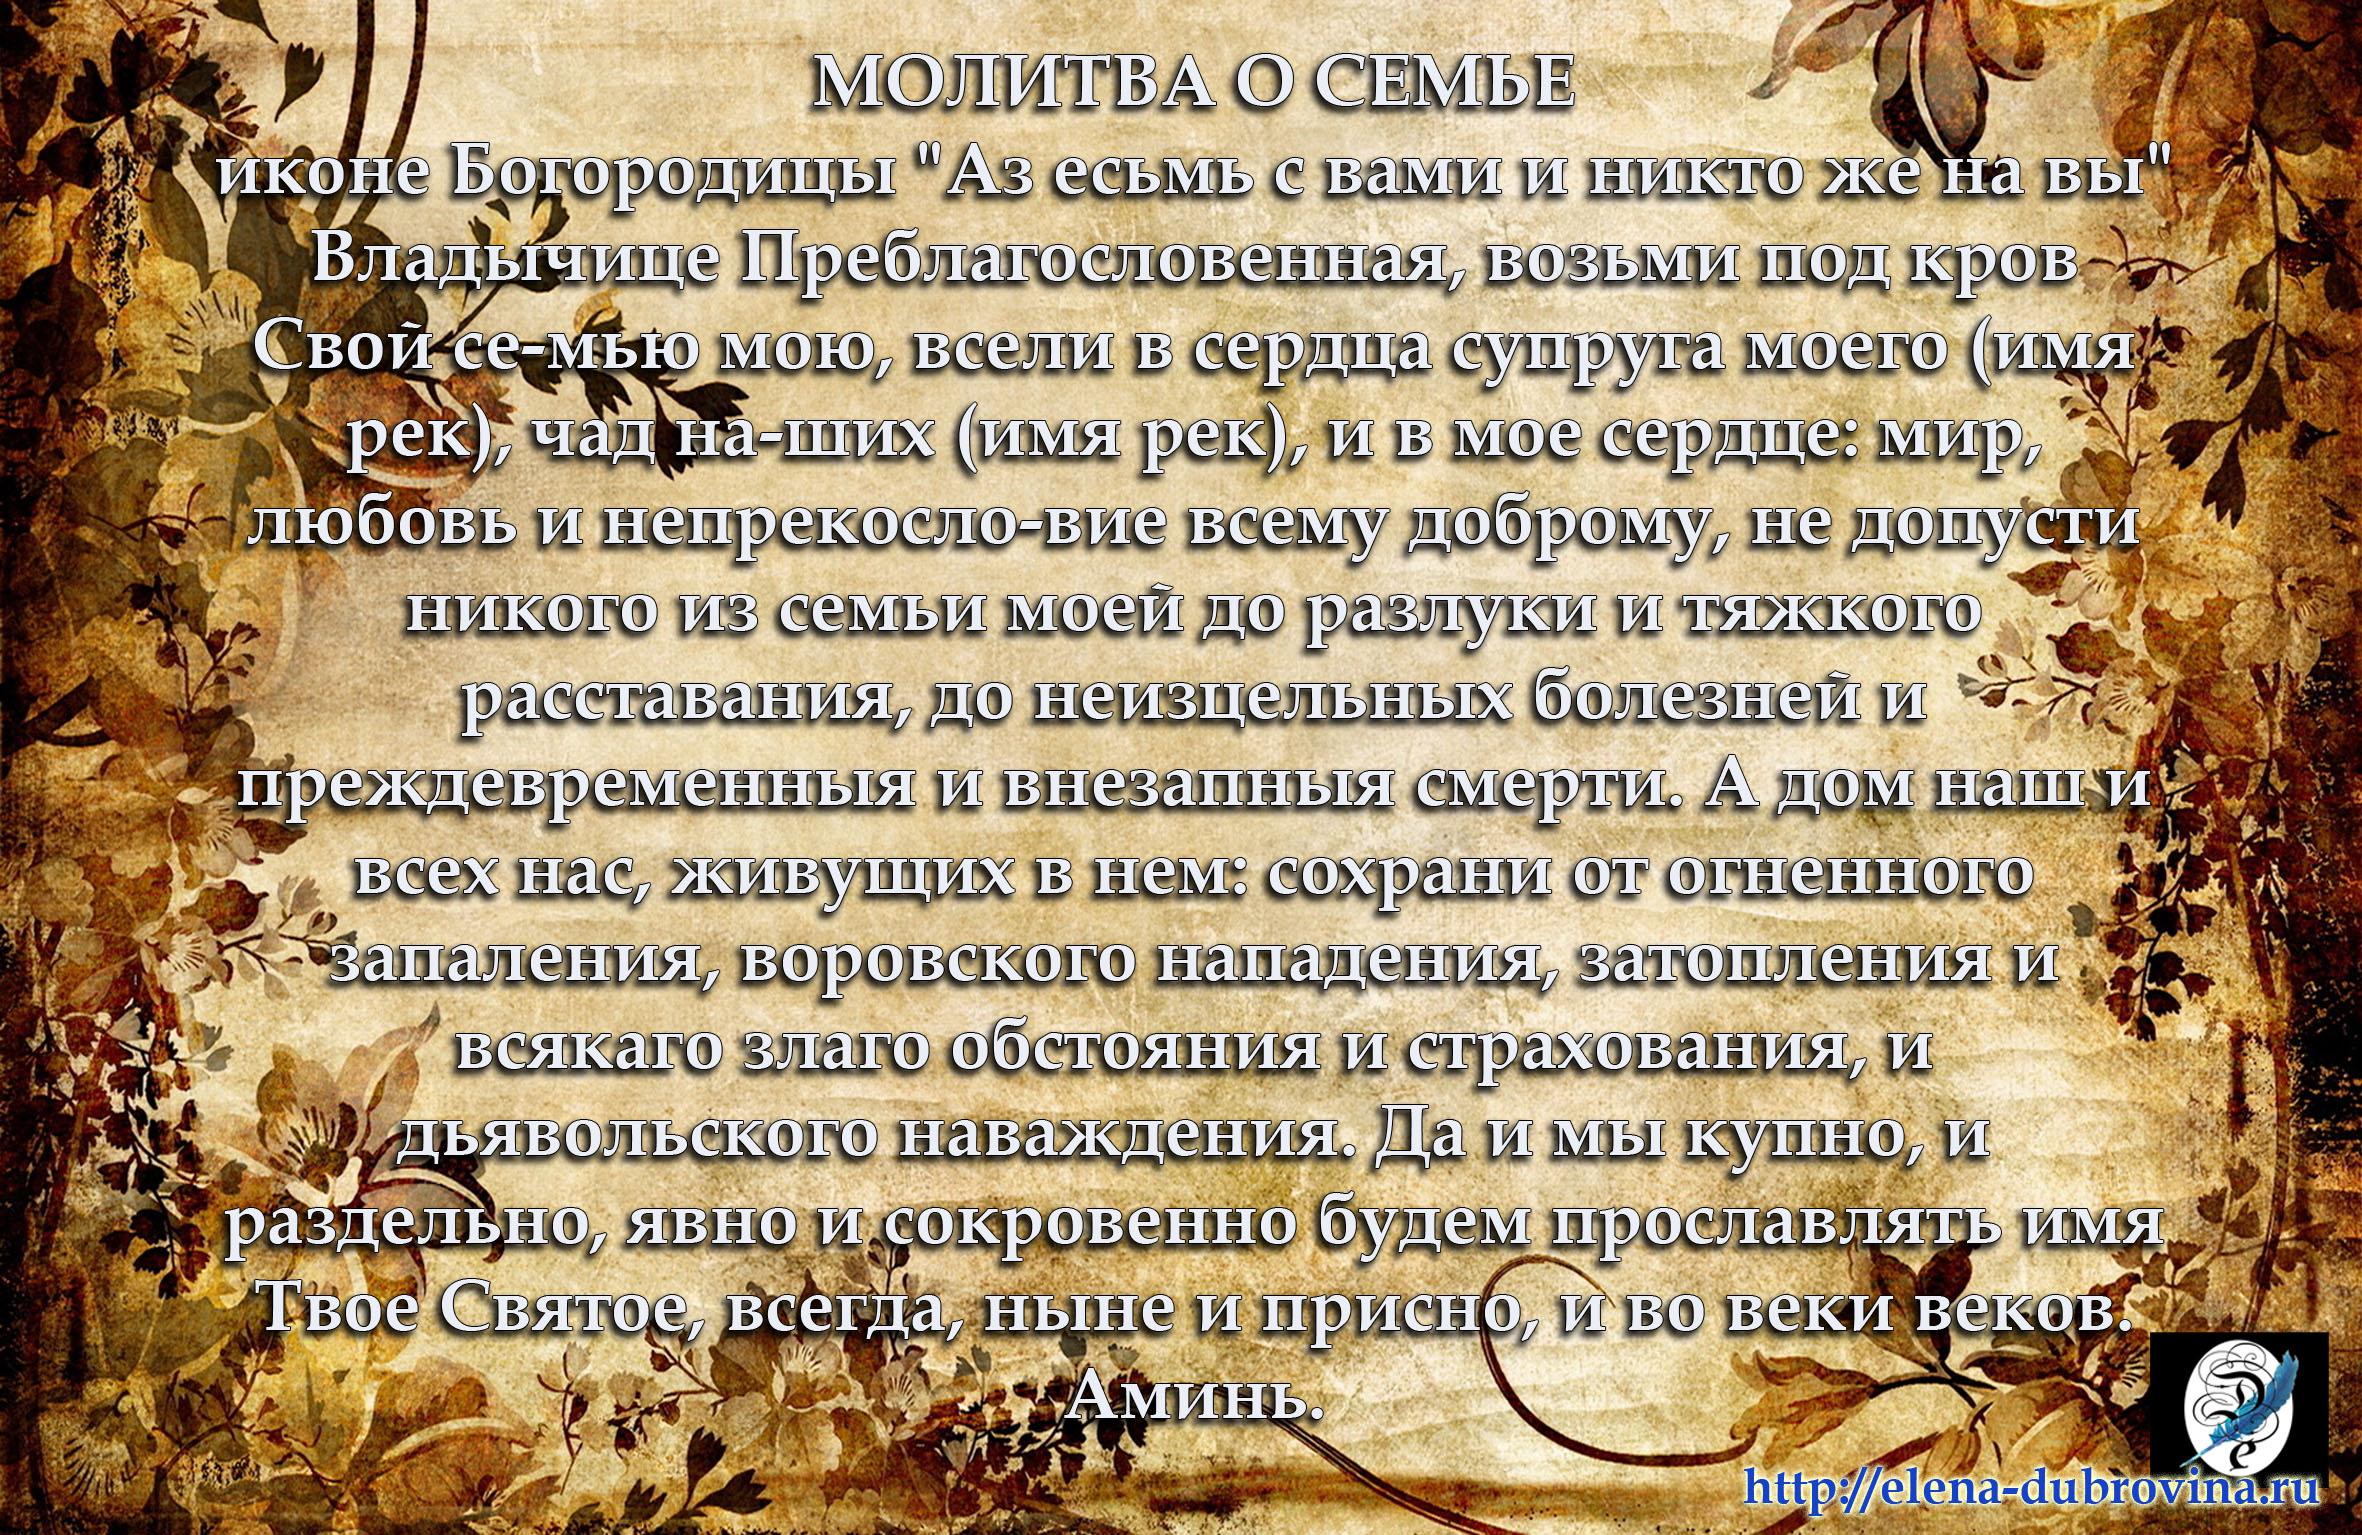 Молитва Богородице о семье - статья Елены Дубровиной, http://elena-dubrovina.ru/ рубрика «Колики»